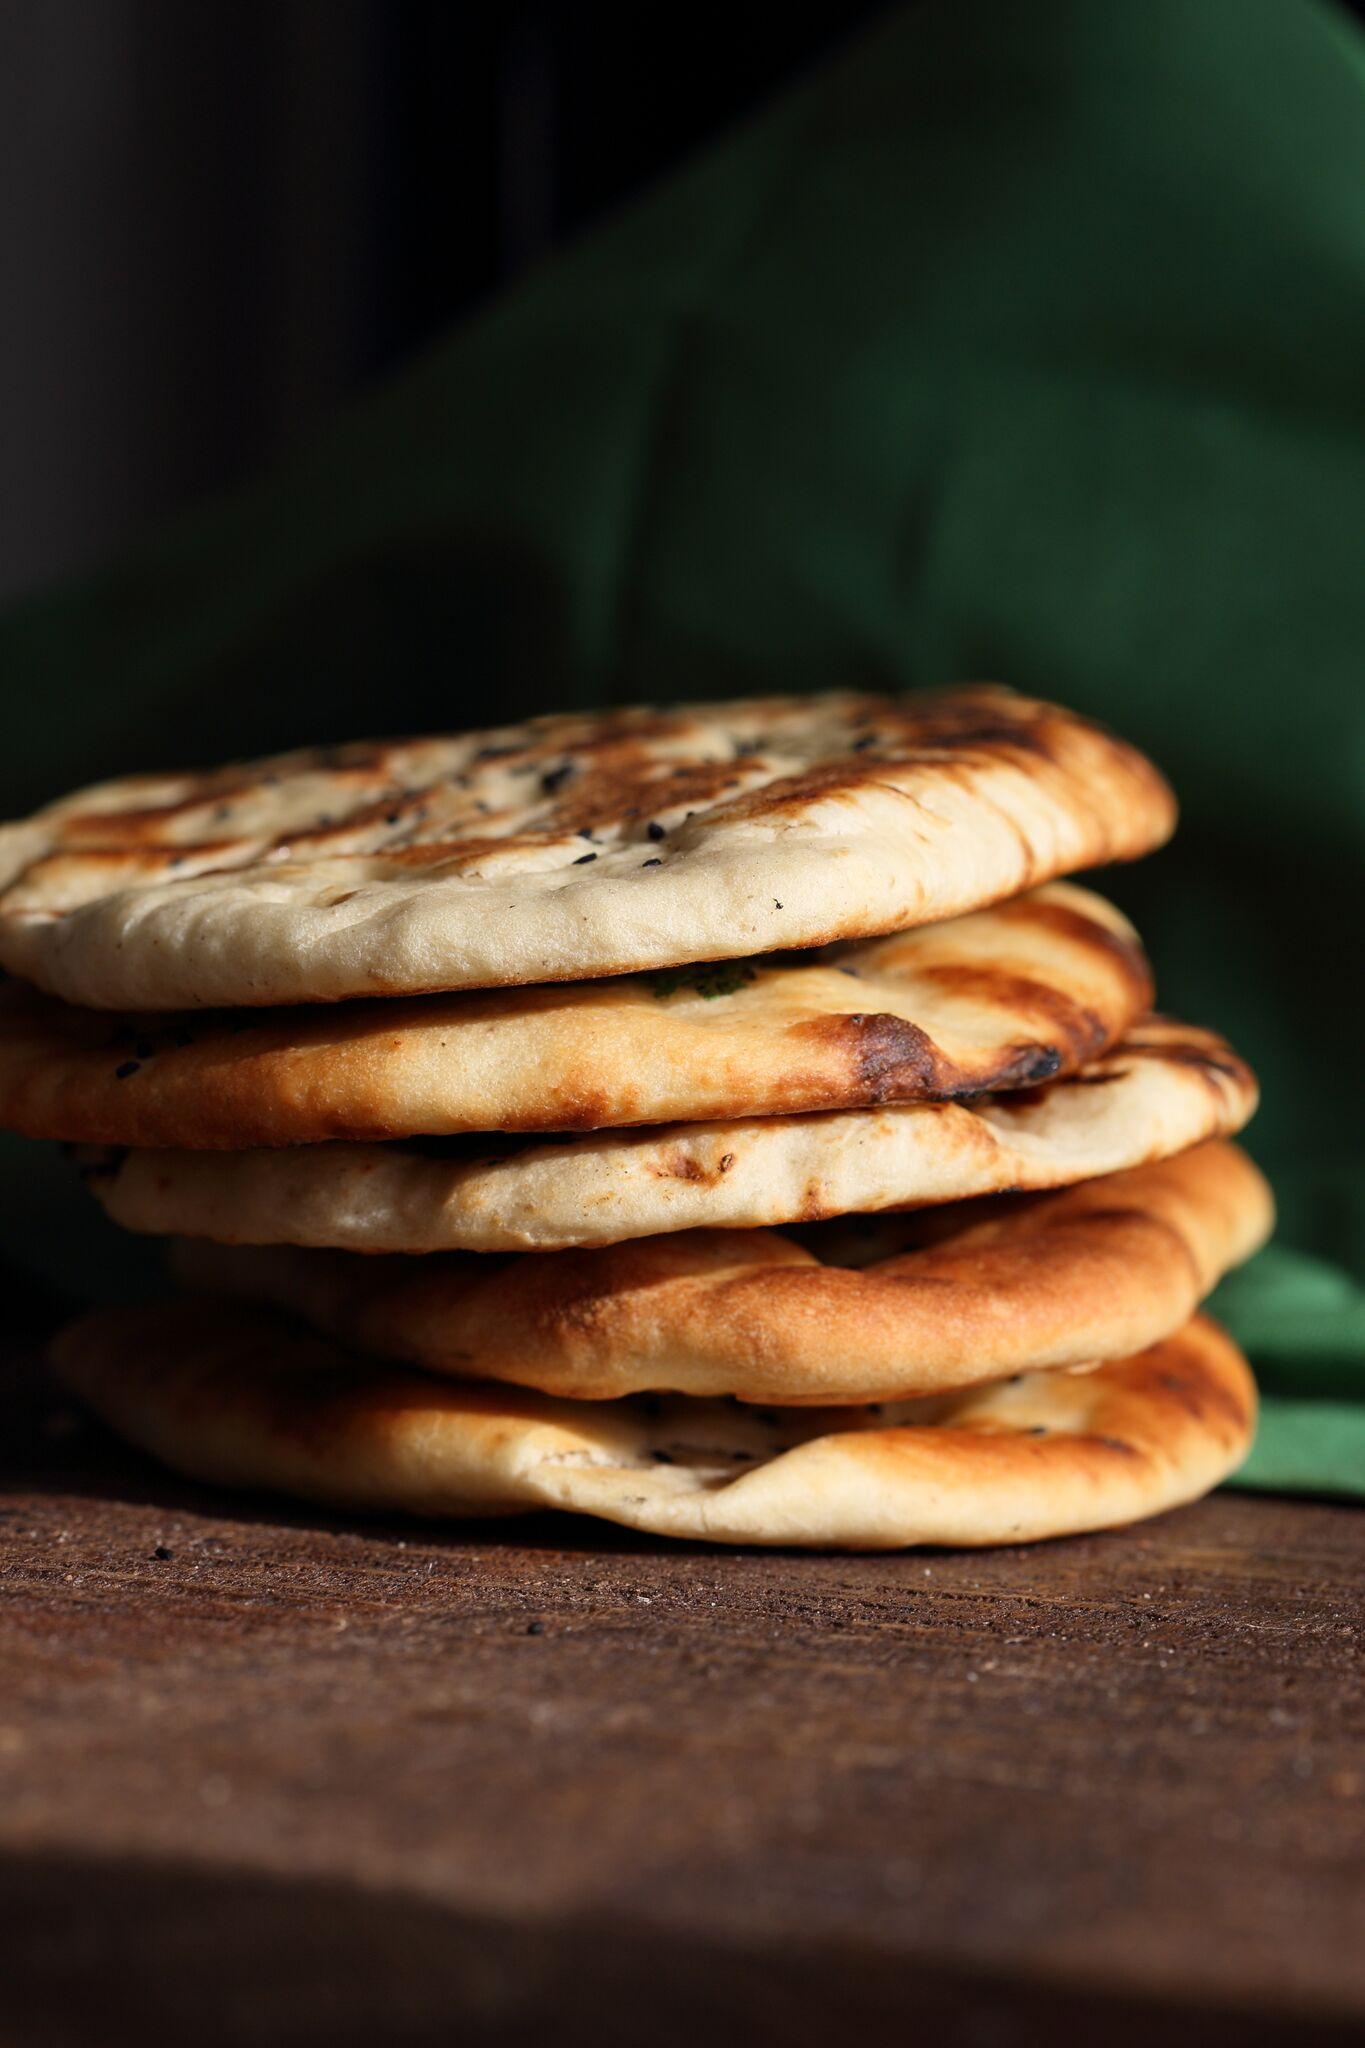 Vegan Naan Recipe. Indian Naan flatbread. Garlic Naan, Avoado Naan #vegan #veganricha #veganrichasindiankitchen #veganaan | VeganRicha.com